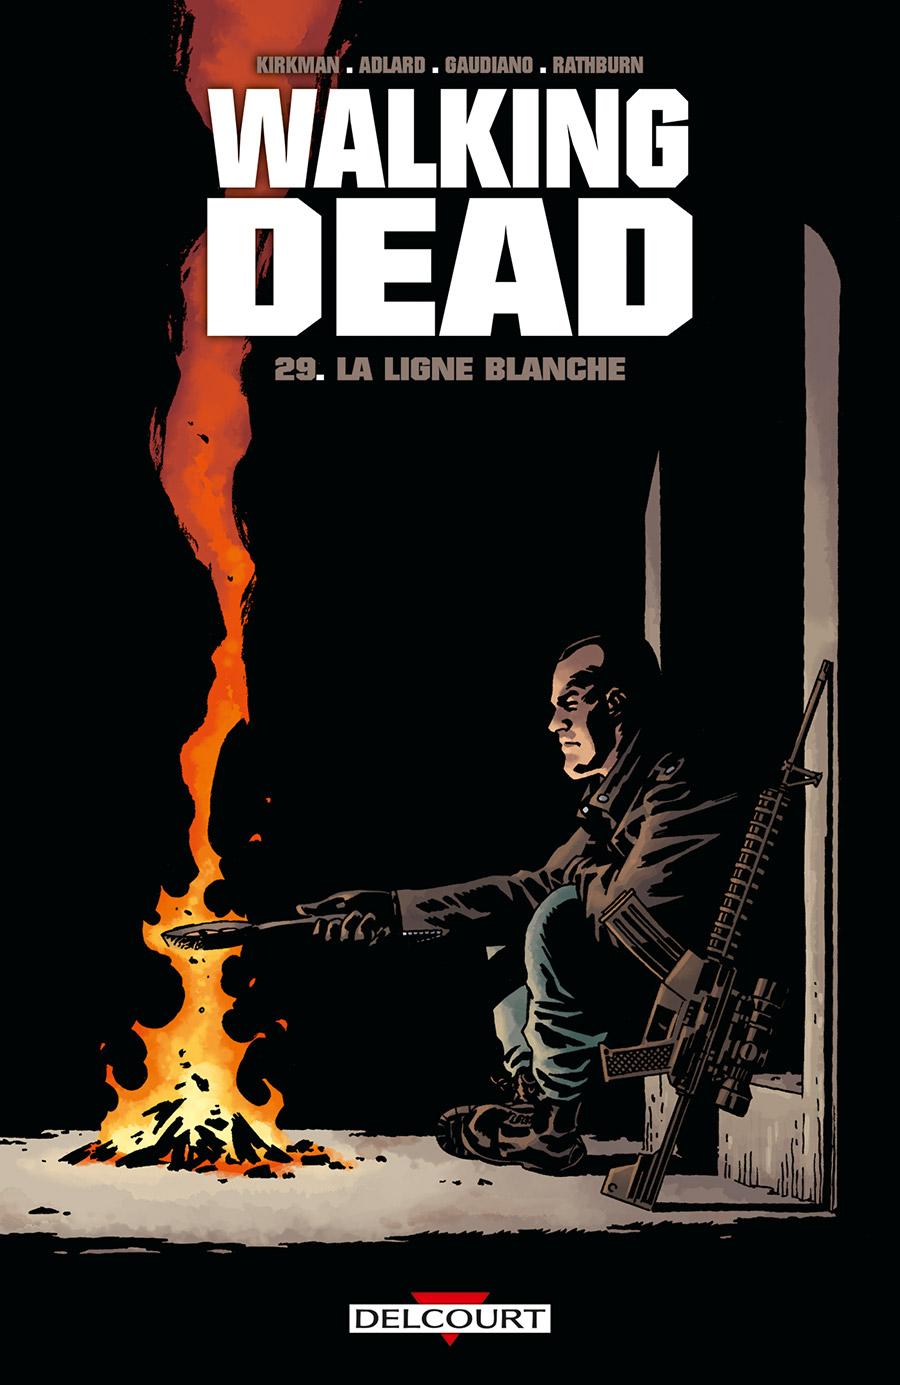 Walking Dead 29 - La ligne blanche